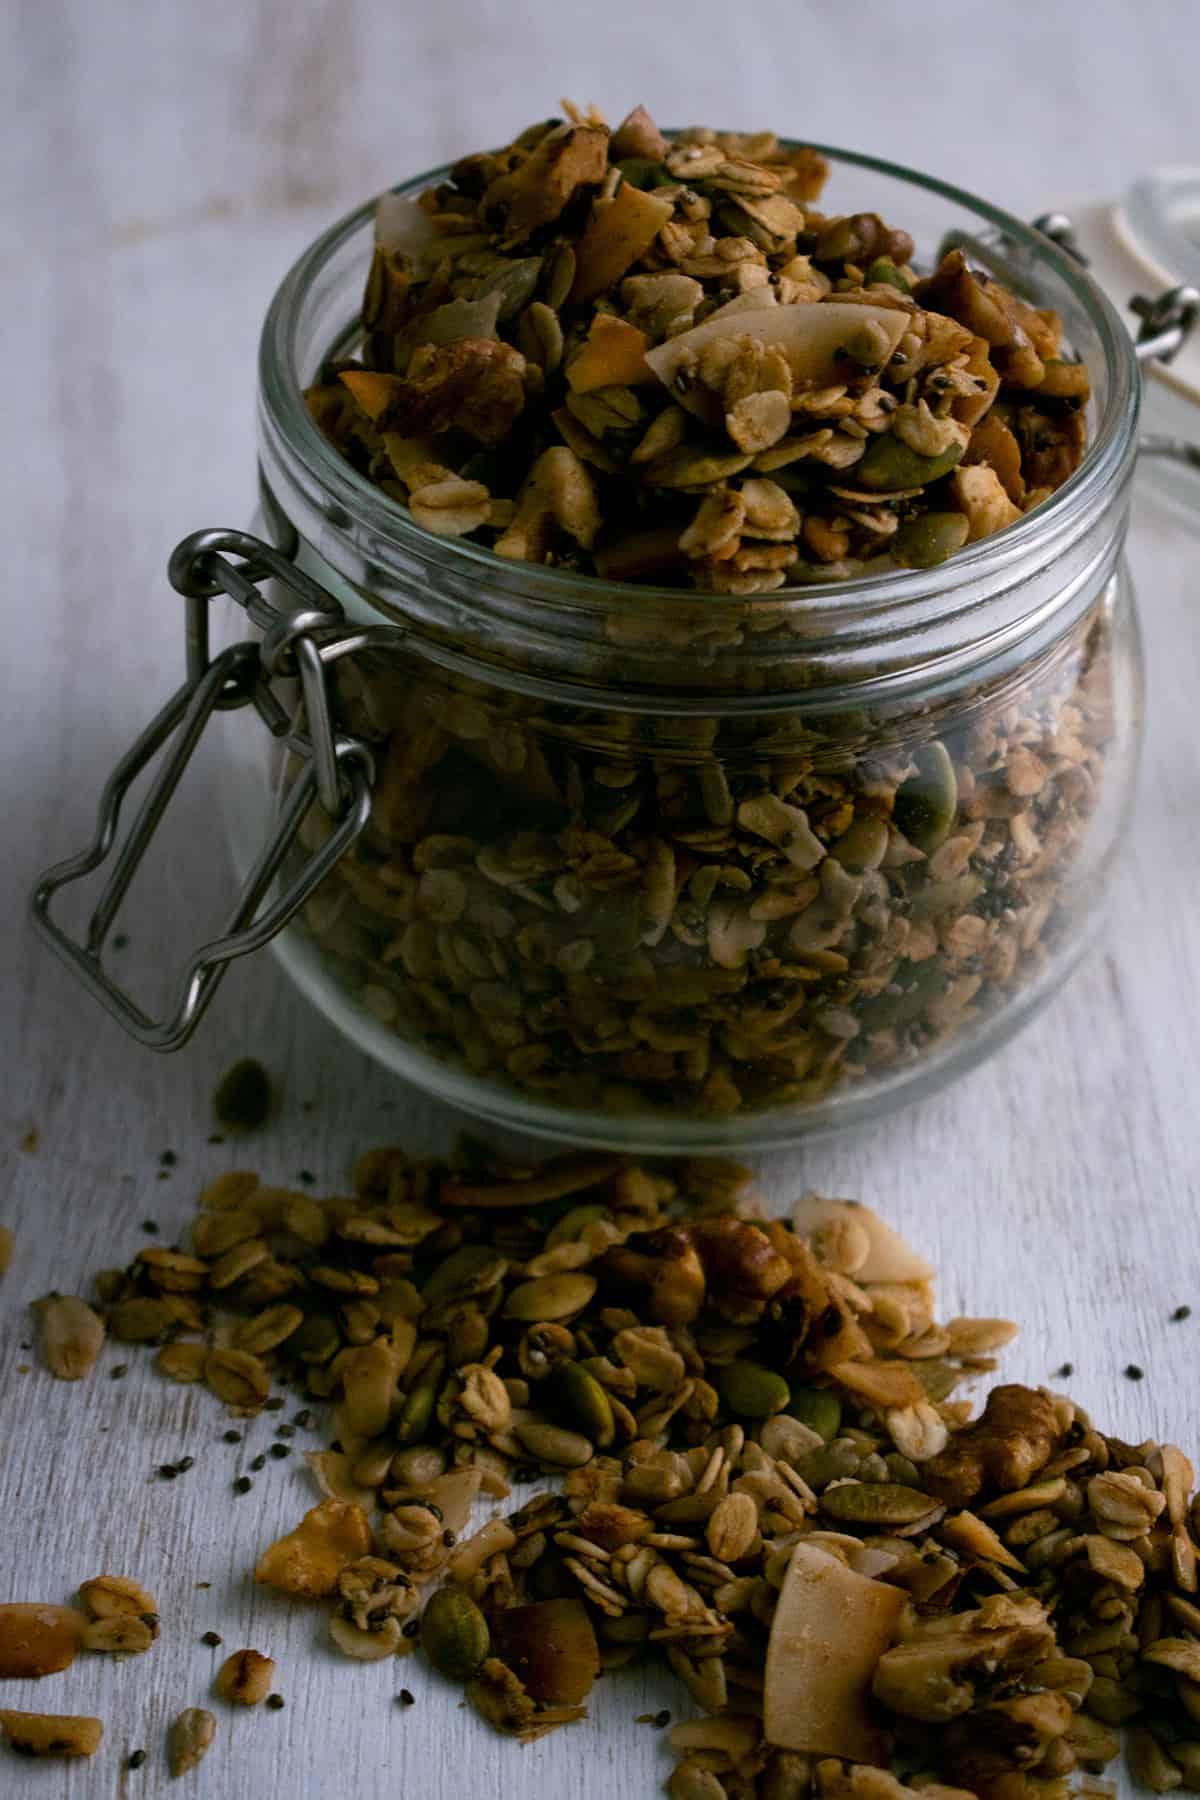 granola en un contenedor de vidrio sobre una mesa